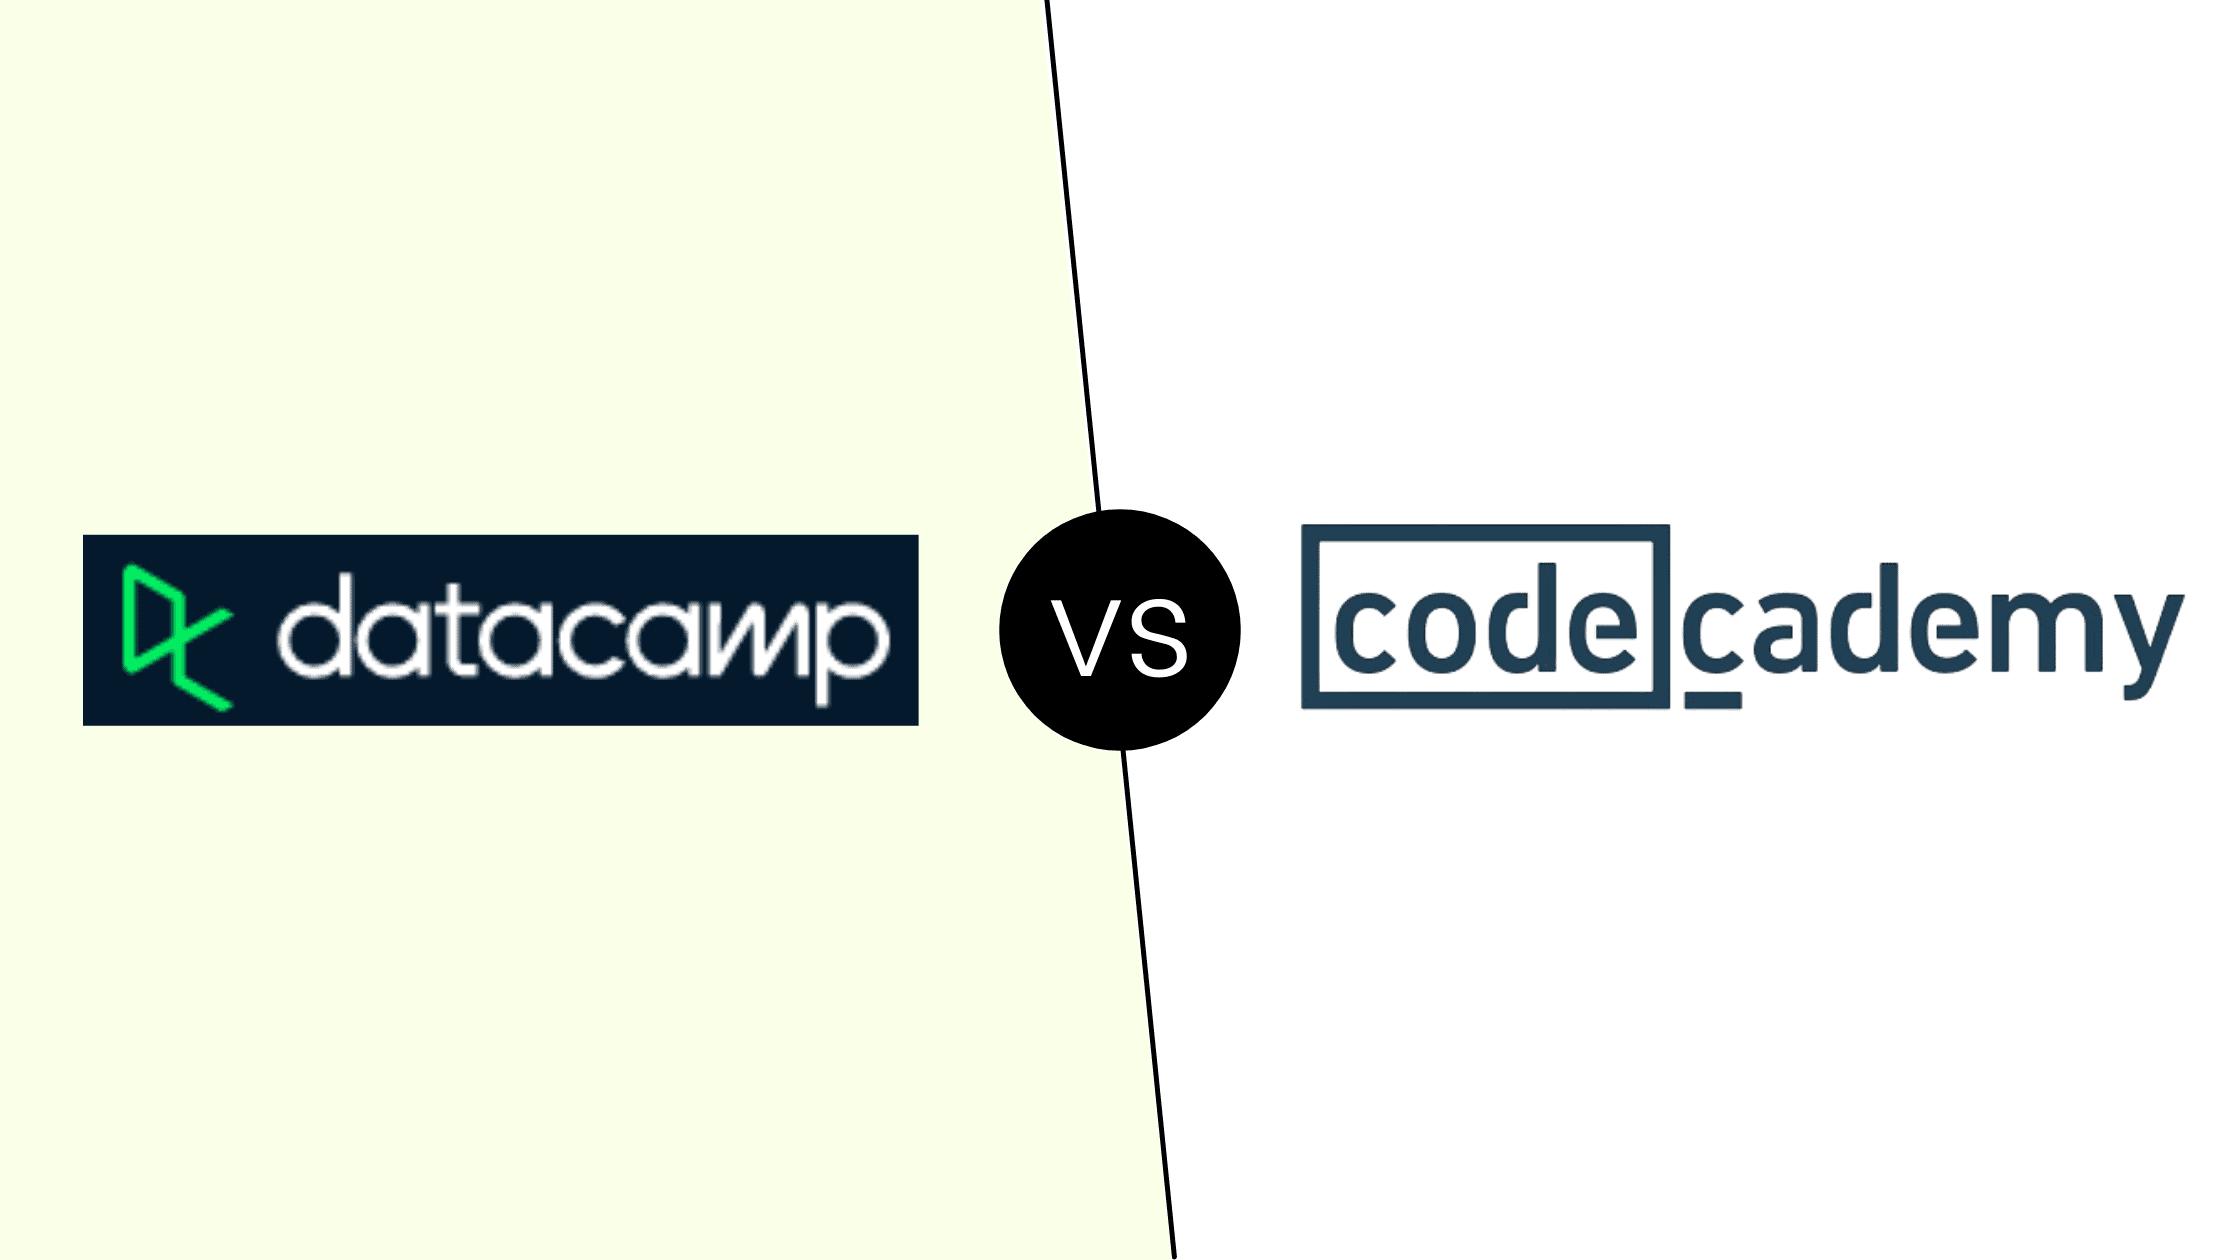 Datacamp vs Codecademy